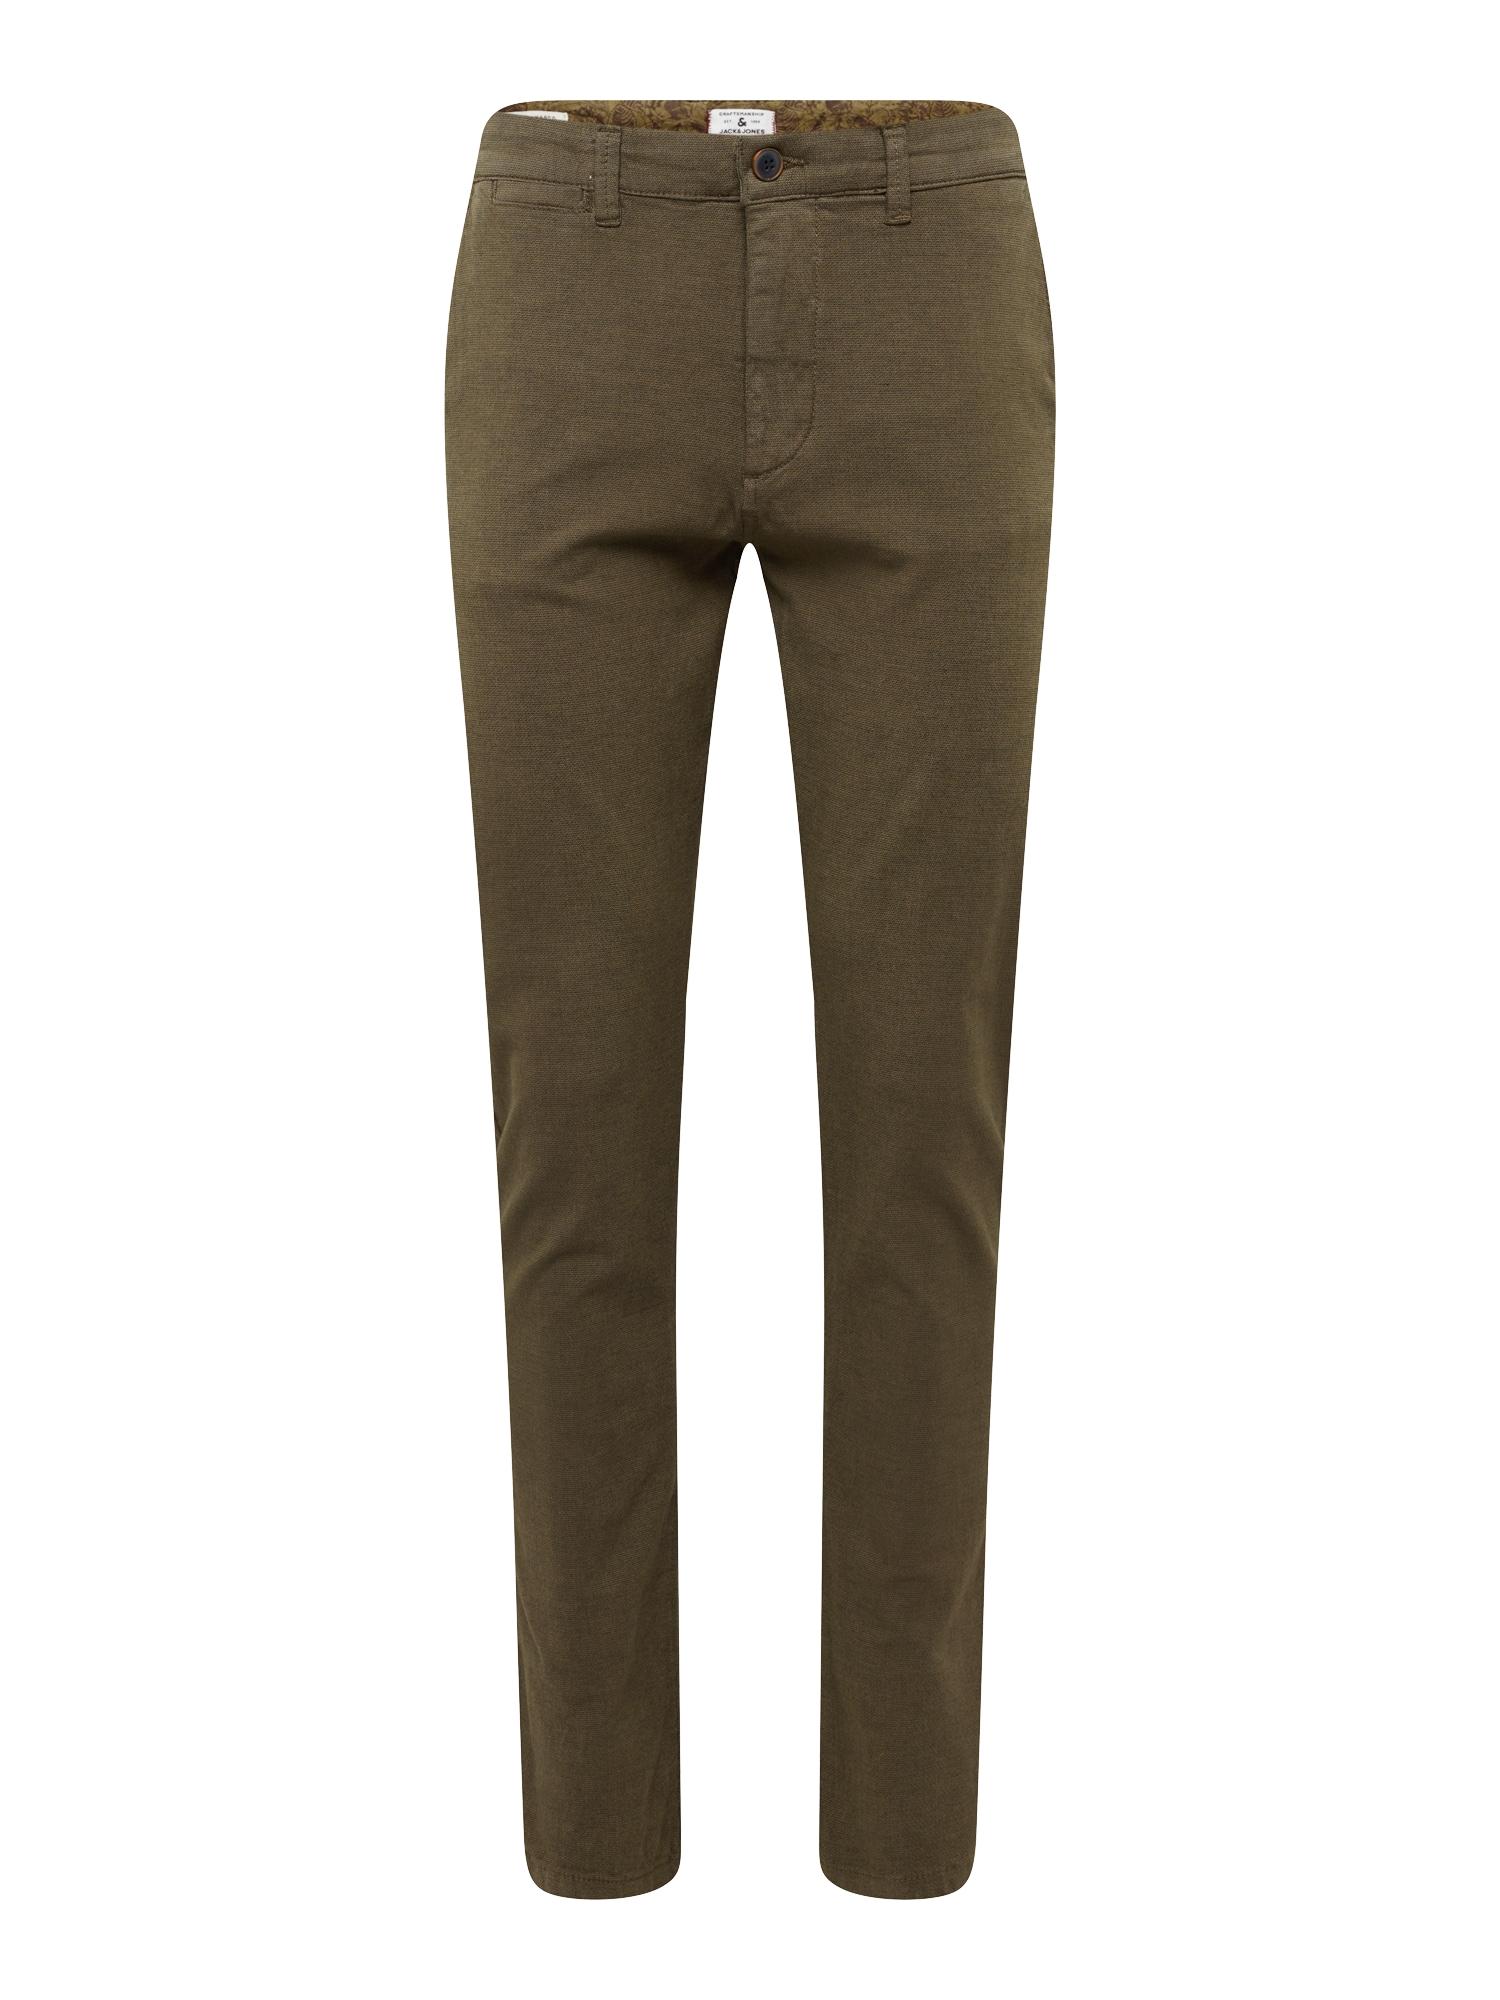 Chino kalhoty Marco Kenzo olivová JACK & JONES